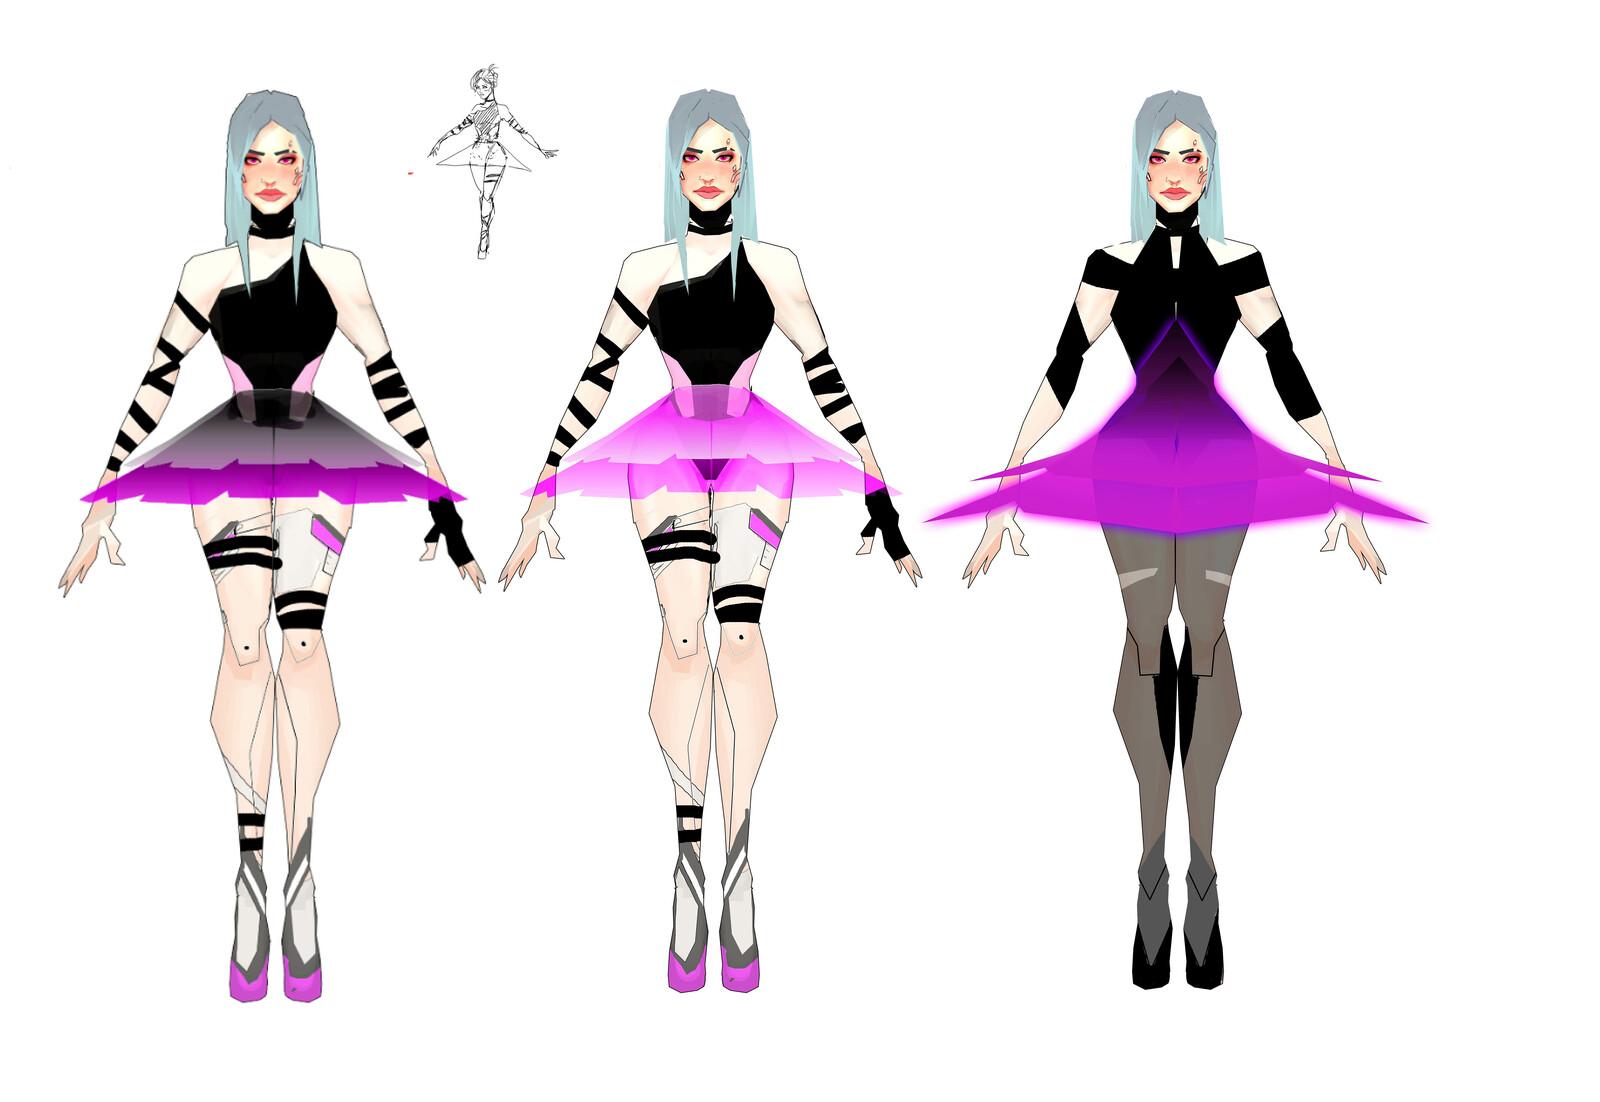 Dancer concept Art 2